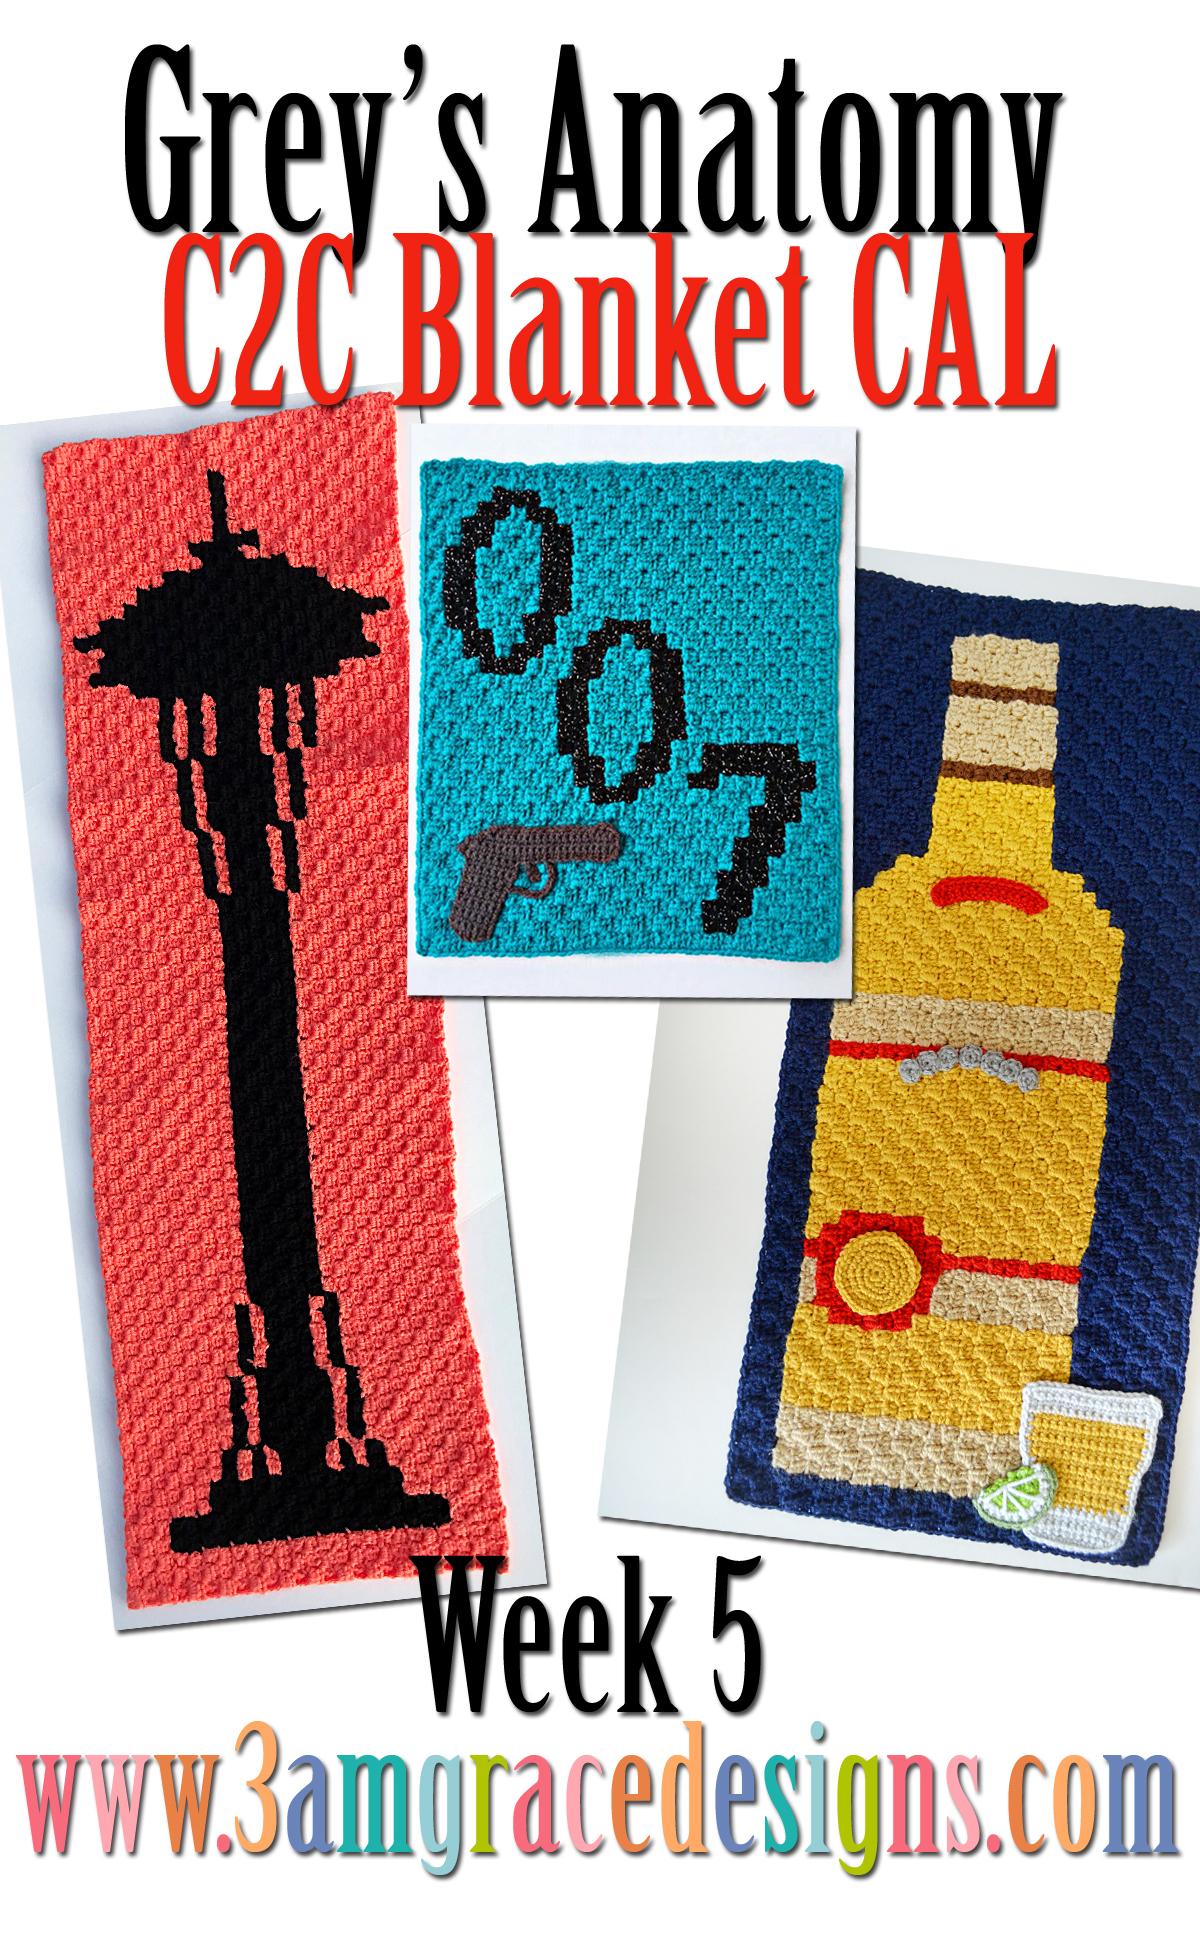 Greys Anatomy C2c Cal Week 5 Free Crochet Pattern 3amgracedesigns